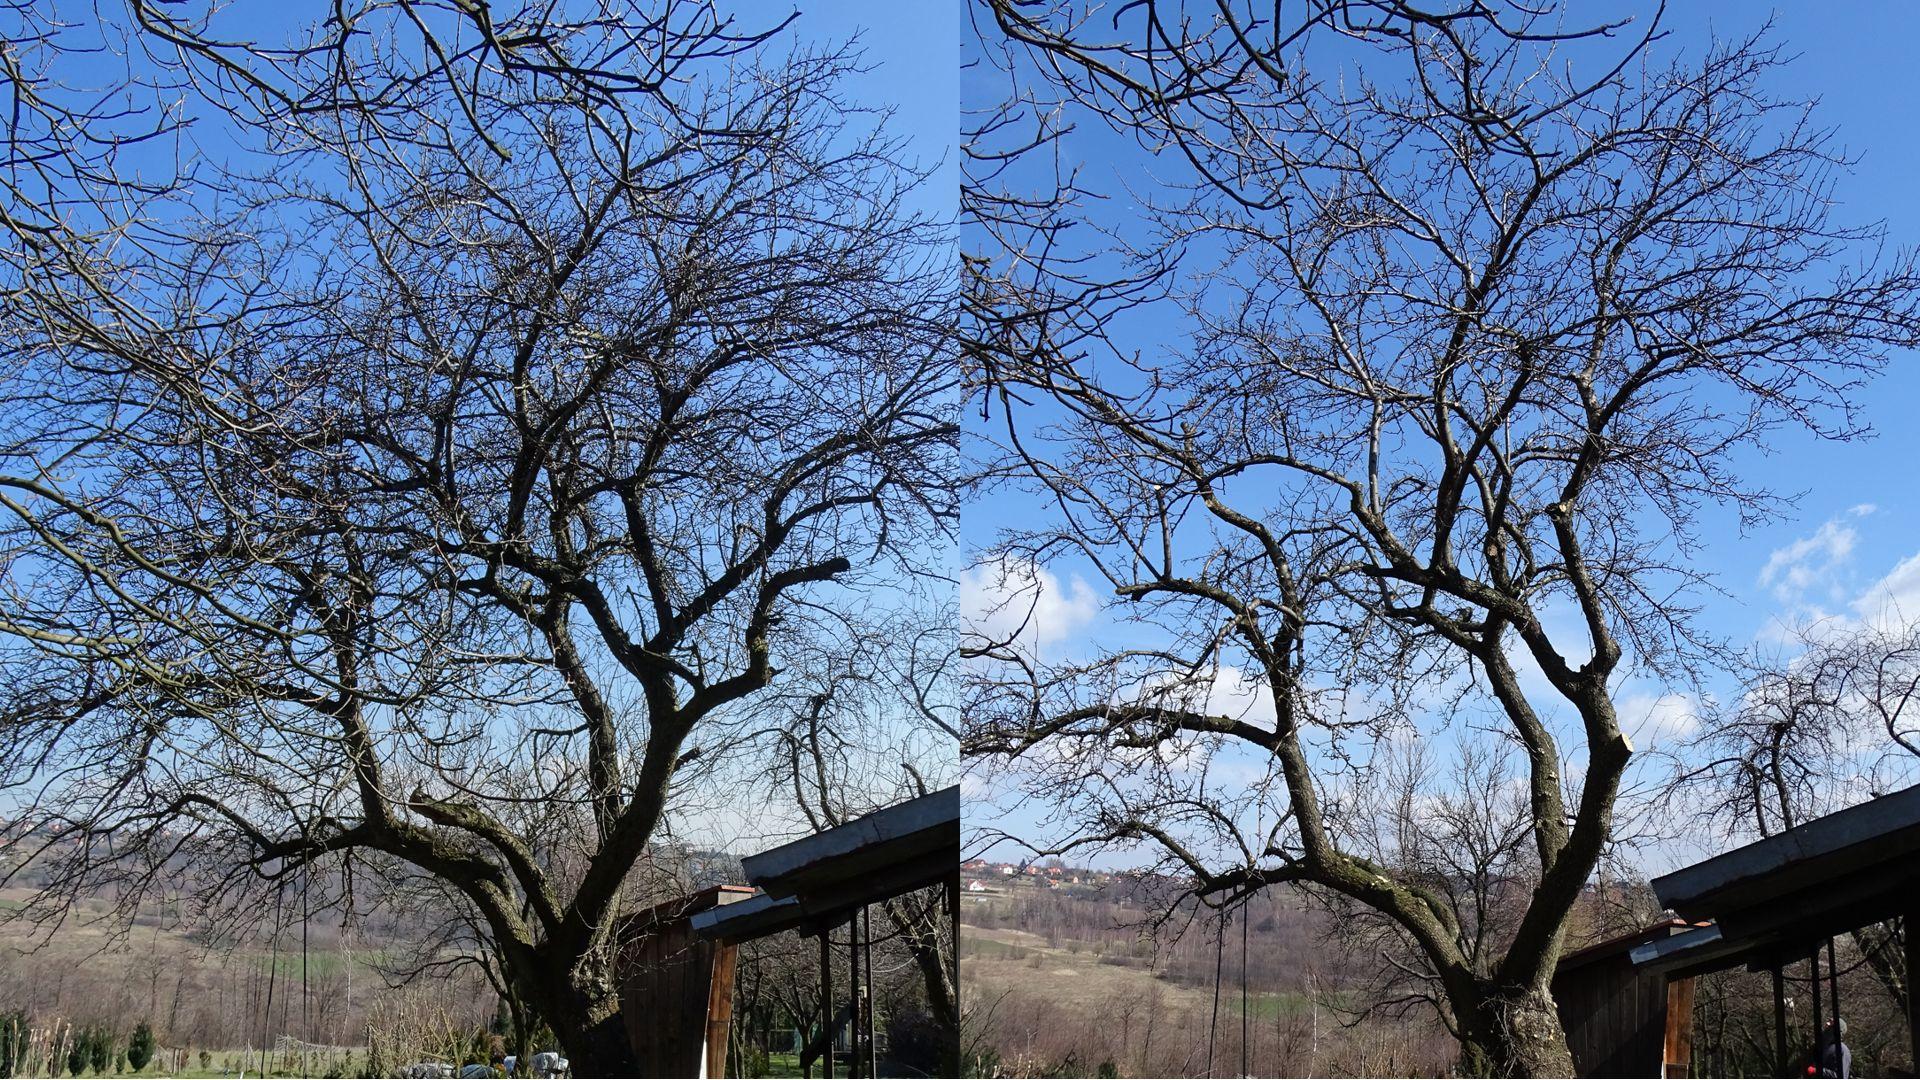 Pielęgnacja drzew - prześwietlanie korony